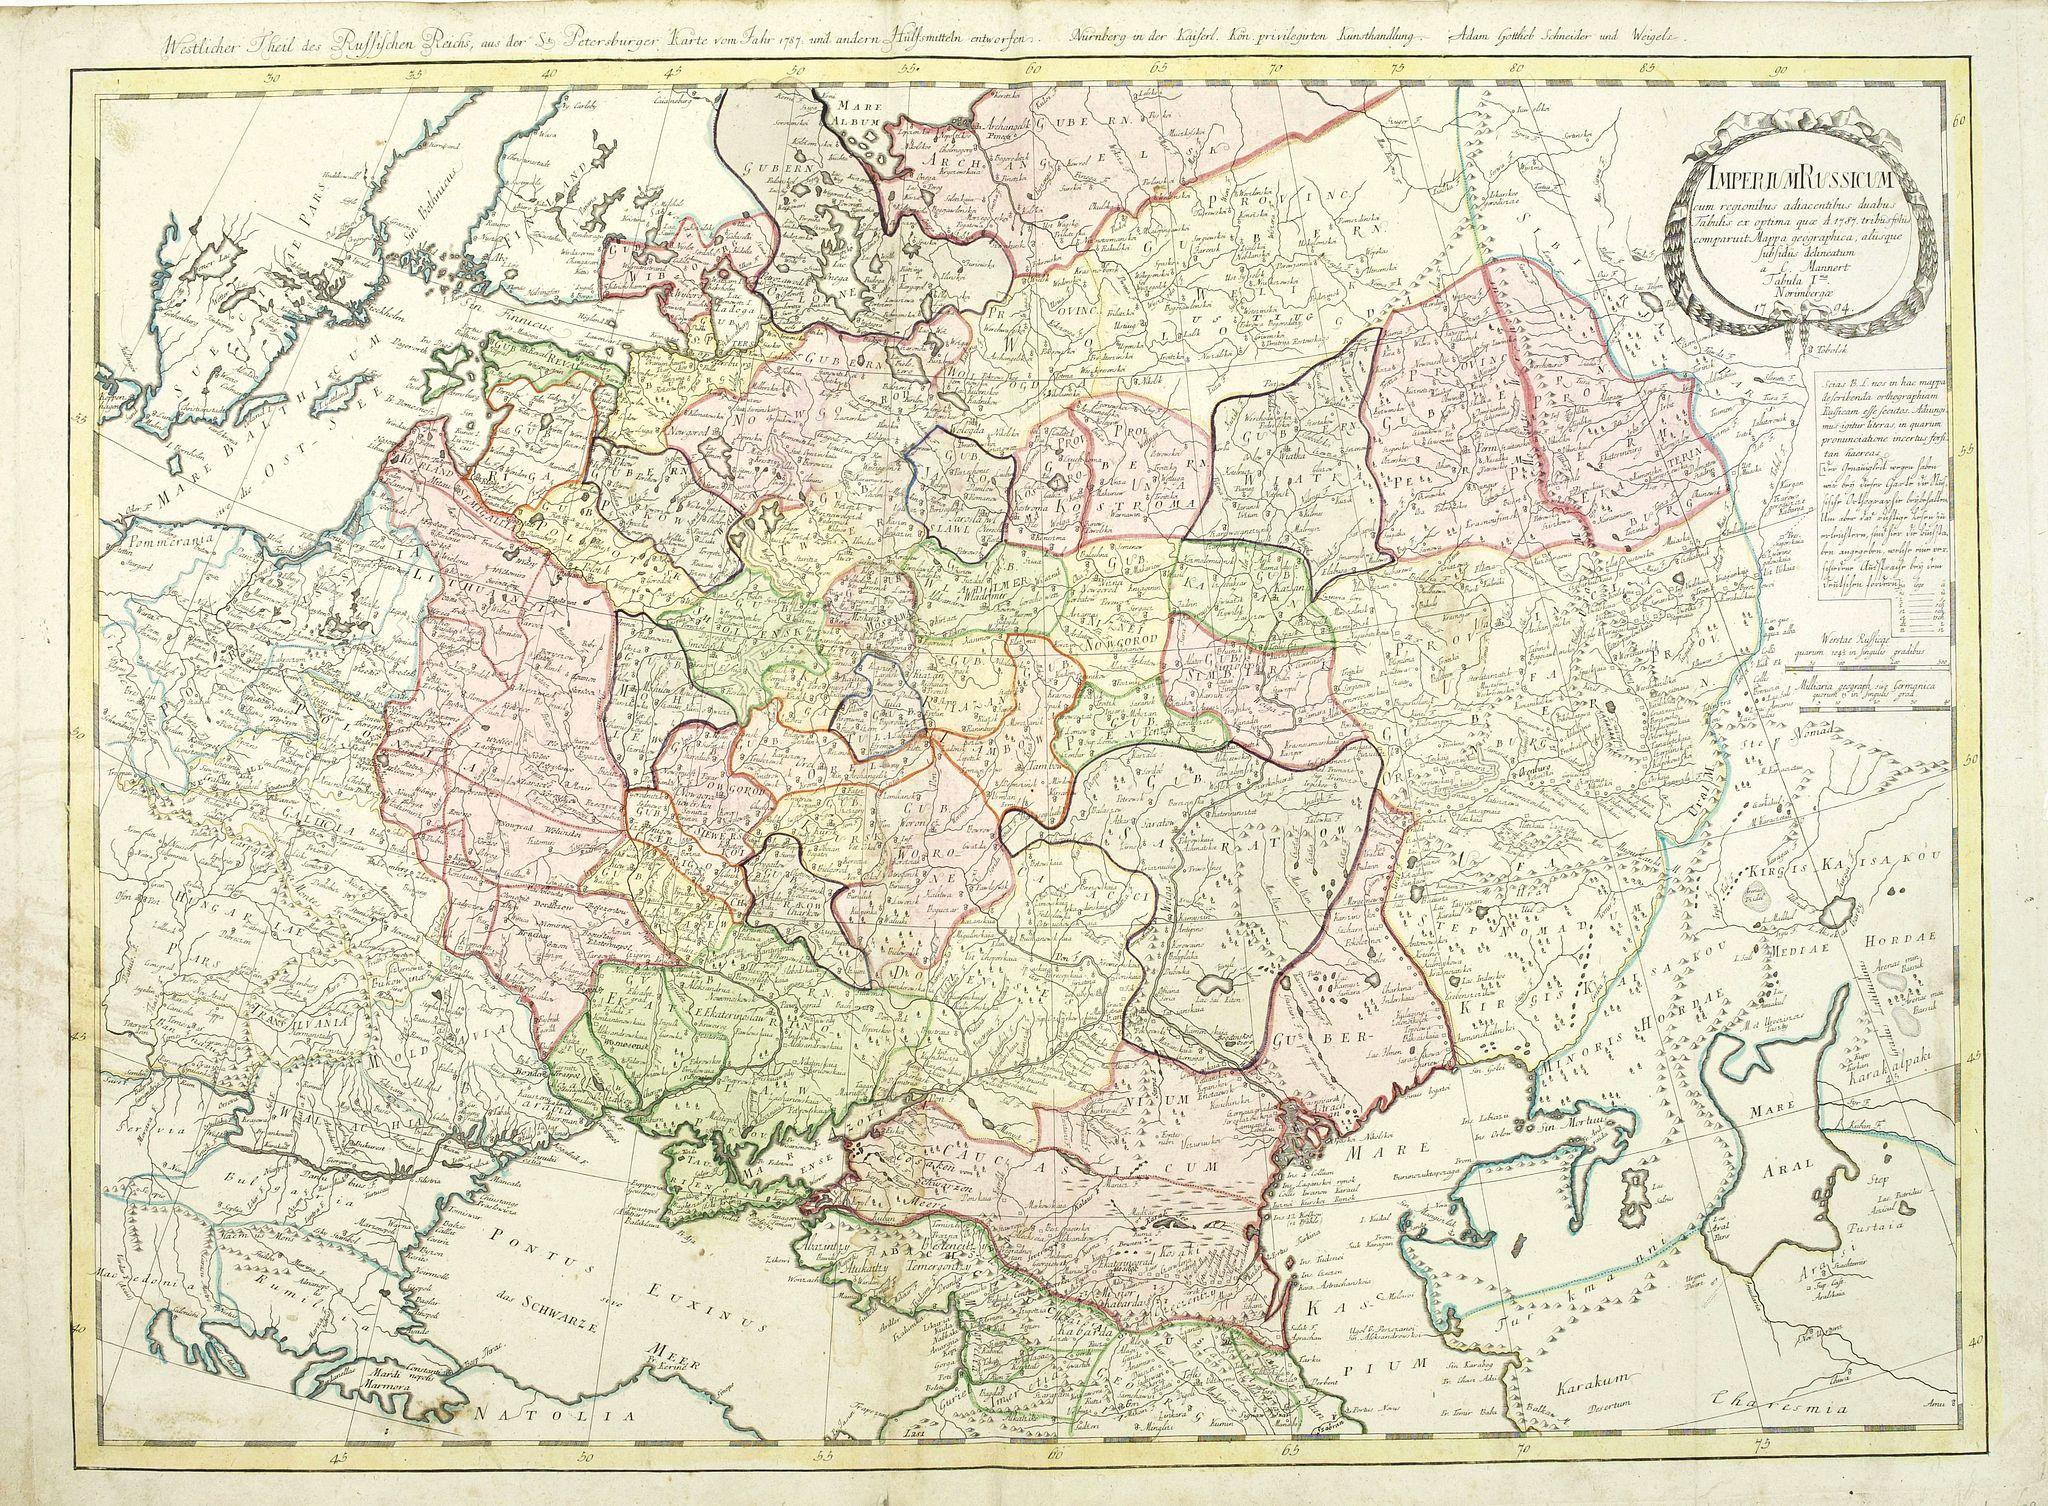 MANNERT, C. -  Imperium Russicum, cum regionibus adiacentibus duabus Tabulis ex optima quae A. 1784 tribus foliis comparavit Mappa geographica, aliisque subsidiis delineatum a C. Mannert, Tabula Ima. . .